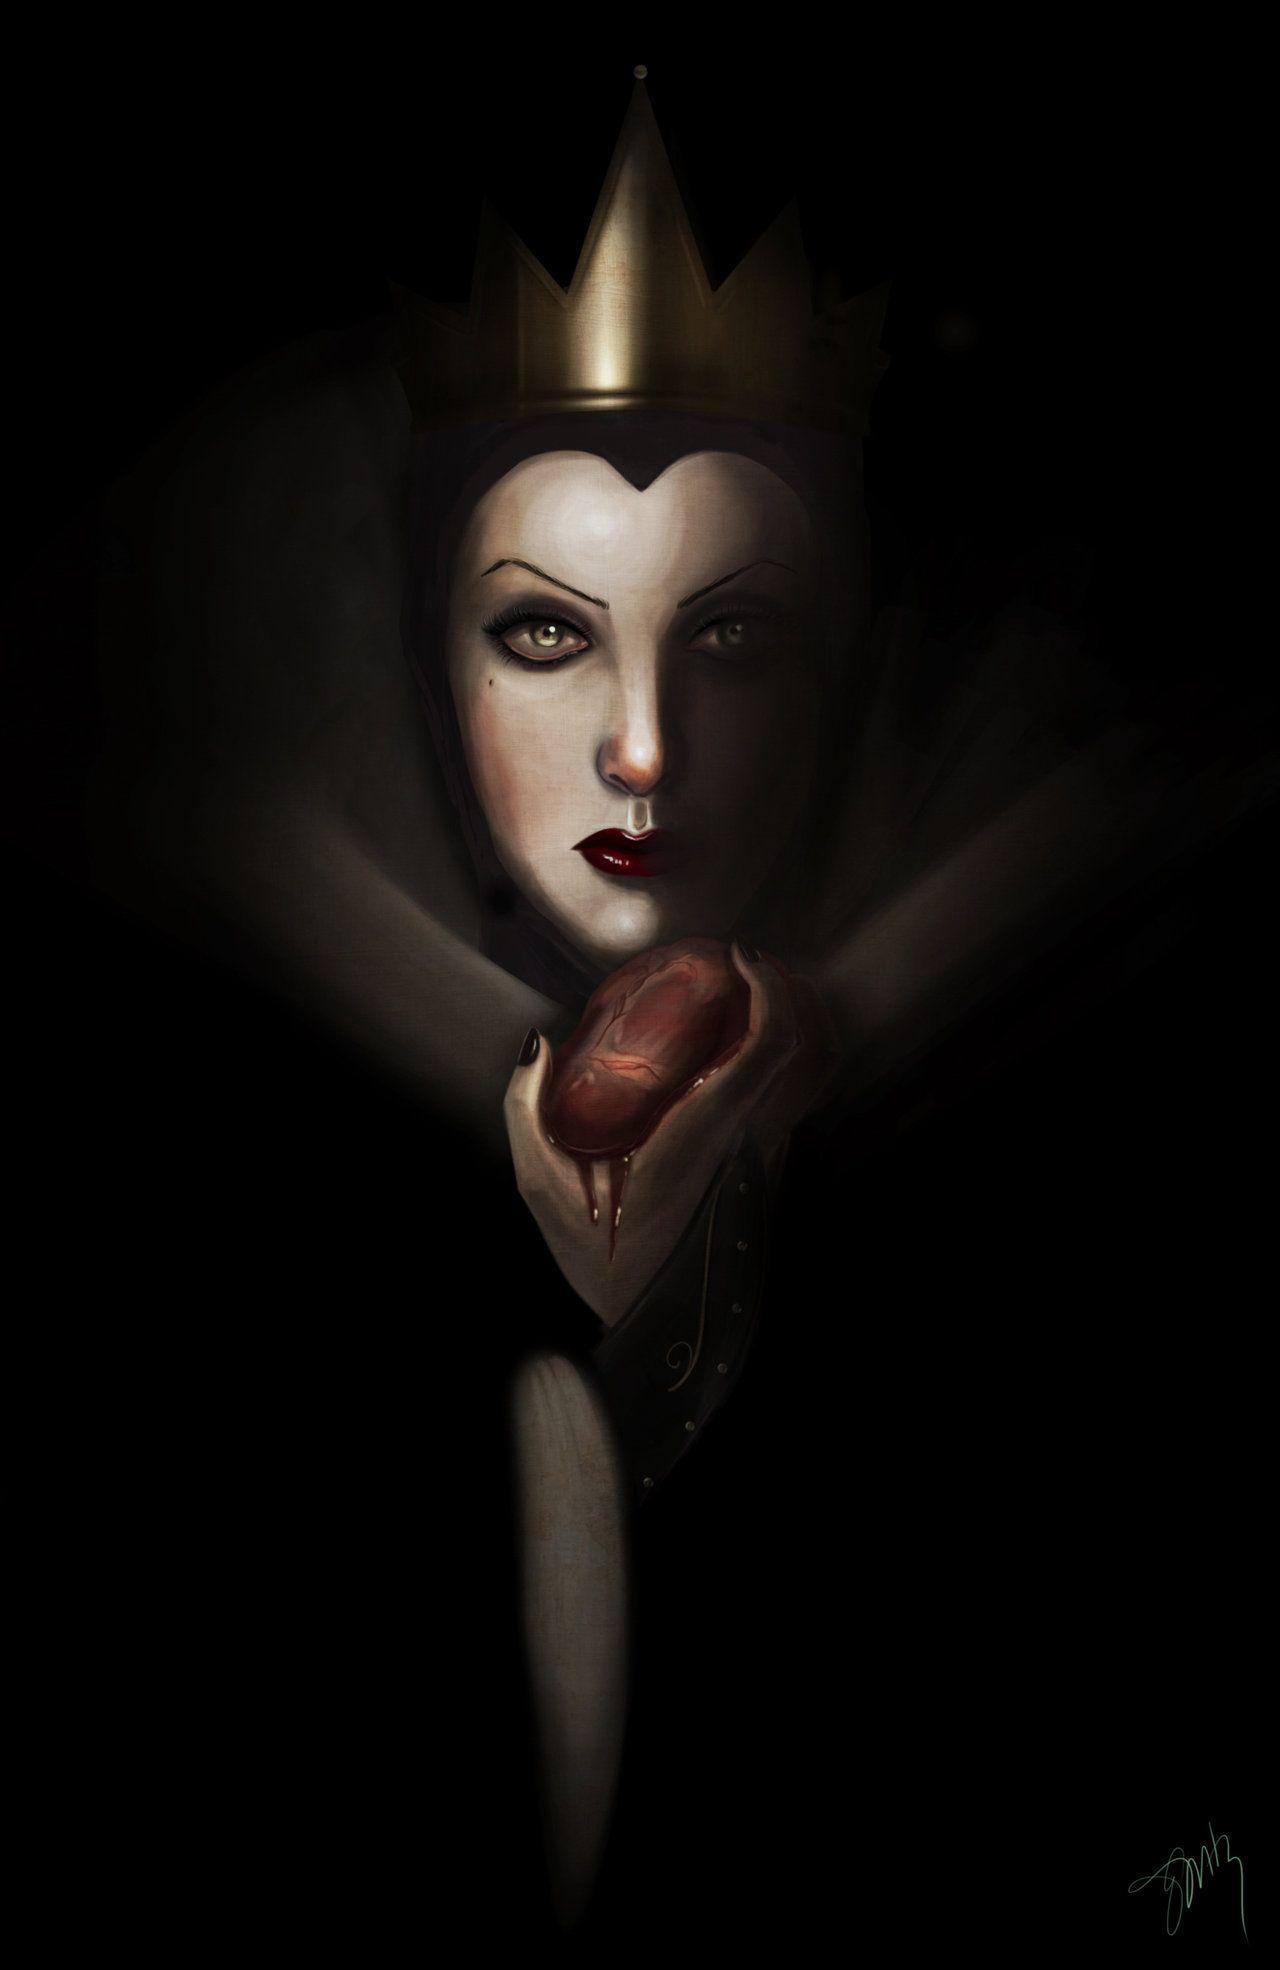 Evil Queen Wallpapers Wallpaper Cave